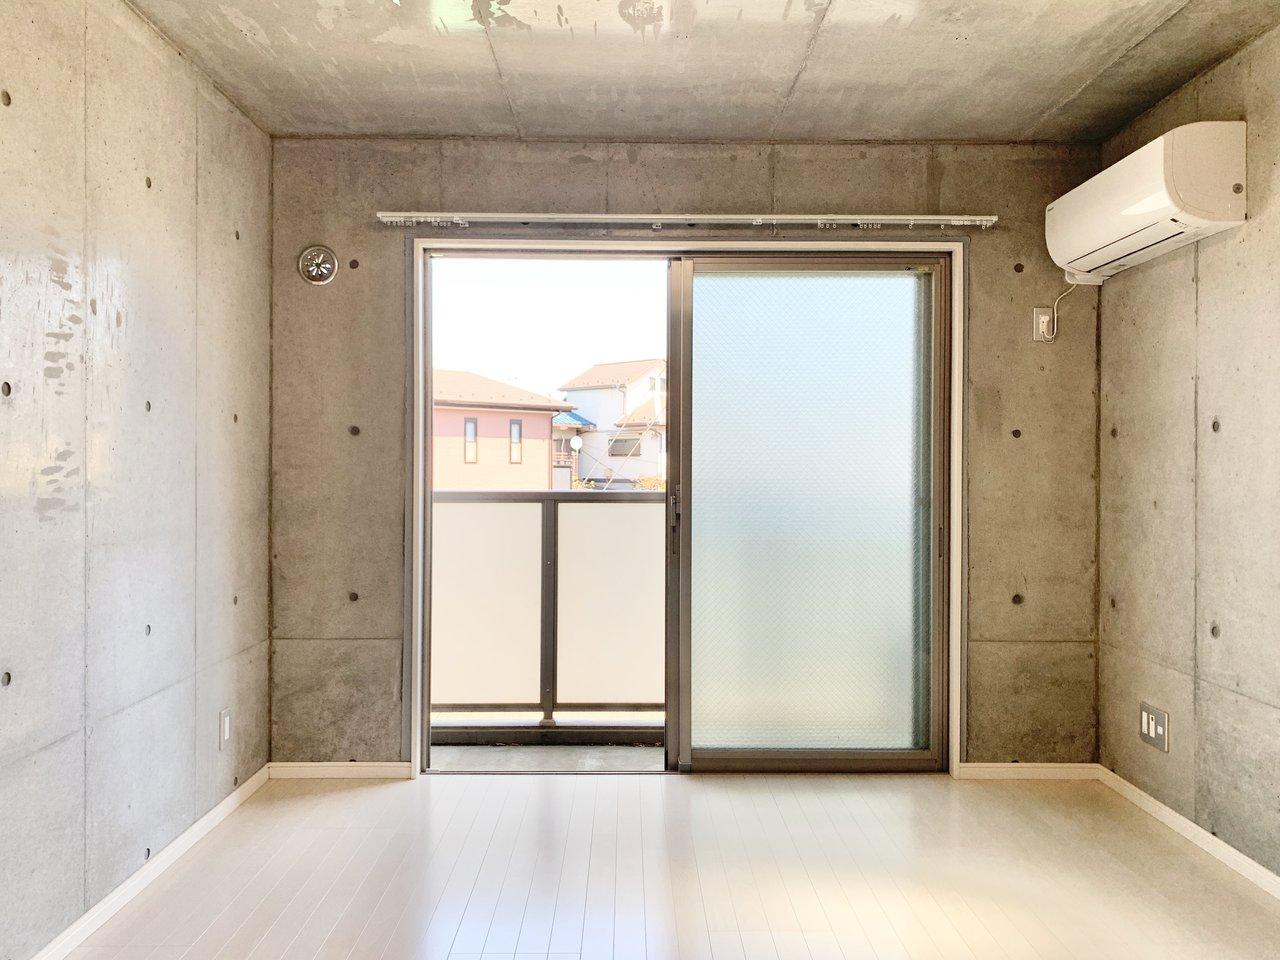 そんな阿佐ヶ谷駅から徒歩6分。6.1畳の1Kタイプのお部屋です。コンクリート打ちっぱなしのデザインで、クールにかっこよく暮らせそう。